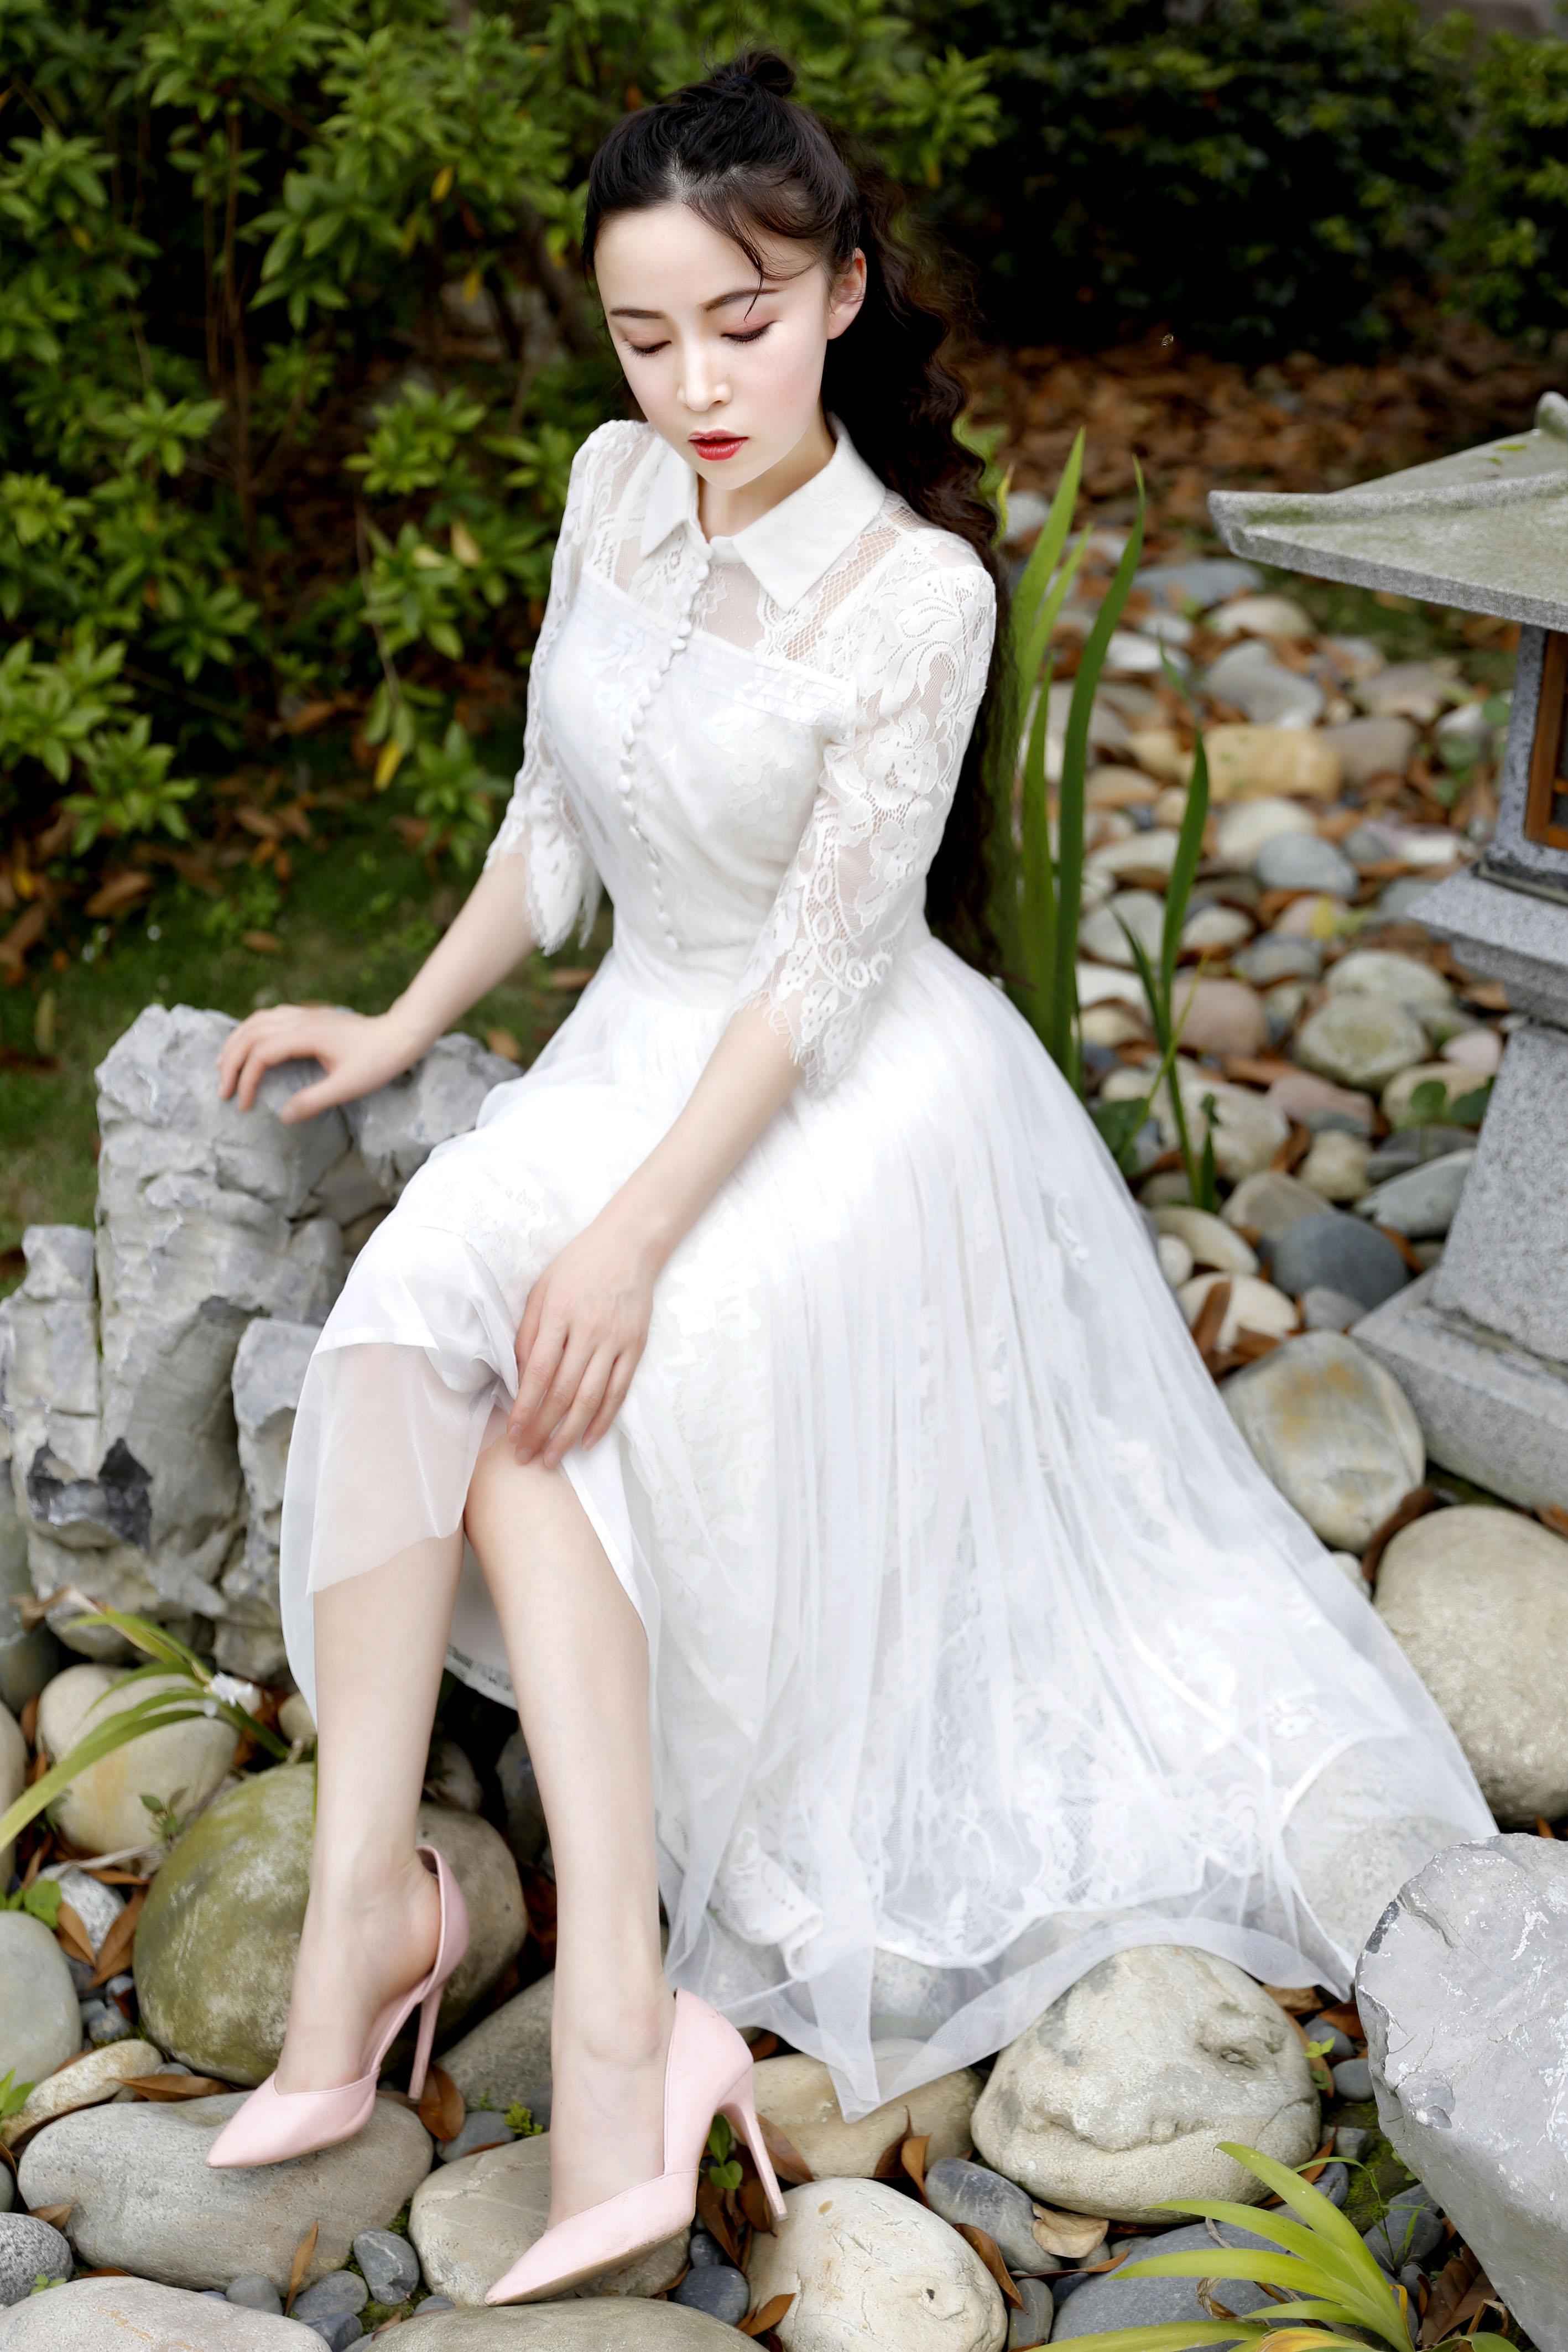 白色蕾丝连衣裙 Fandal 粉黛 米菲 新款小清新收腰白色蕾丝连衣裙女仙女裙子夏_推荐淘宝好看的白色蕾丝连衣裙